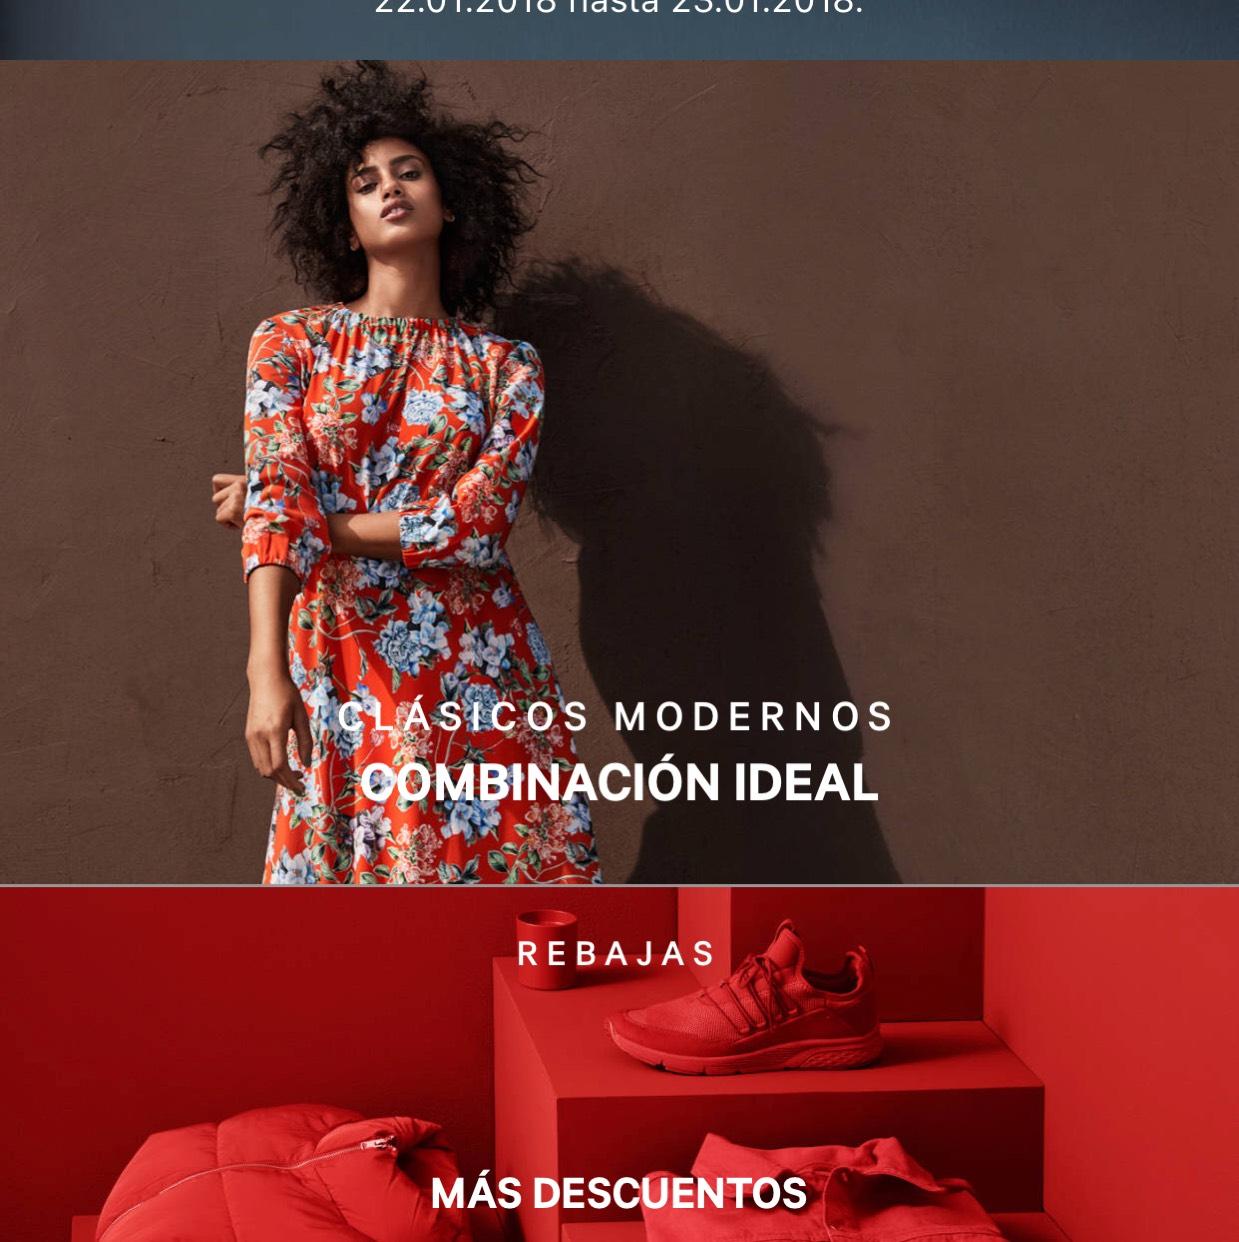 Descuento del H&M 15% y envío gratis hoy y mañana solo en la app